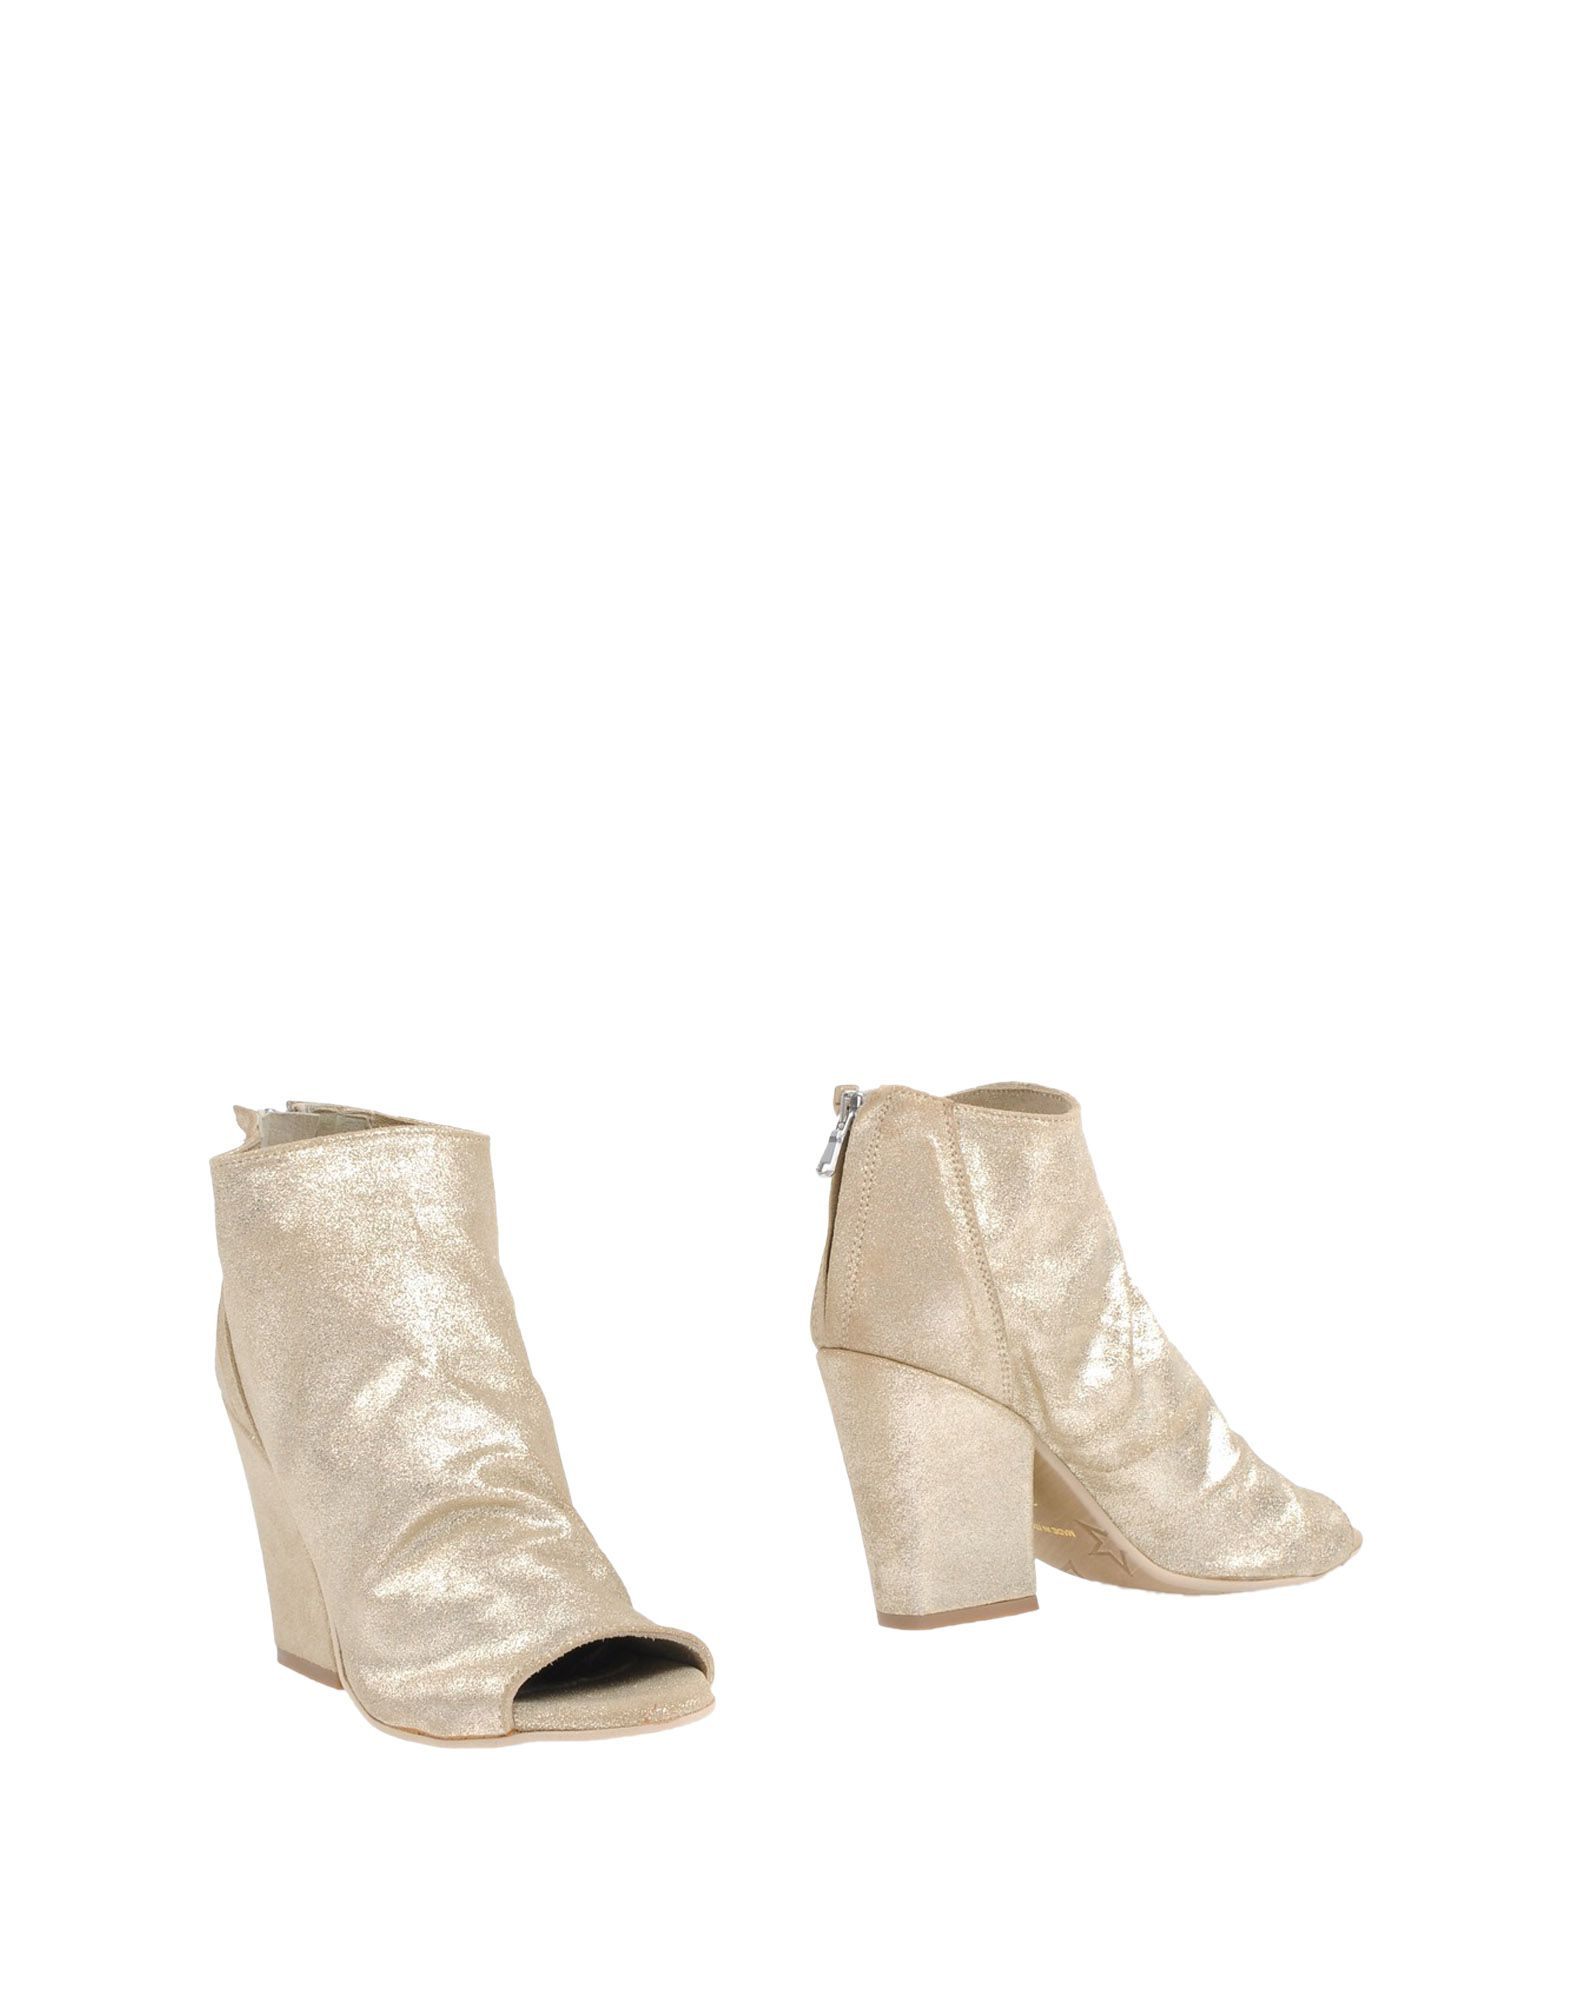 Ovye' By Cristina Lucchi Stiefelette Damen  11333125LP Gute Qualität beliebte Schuhe